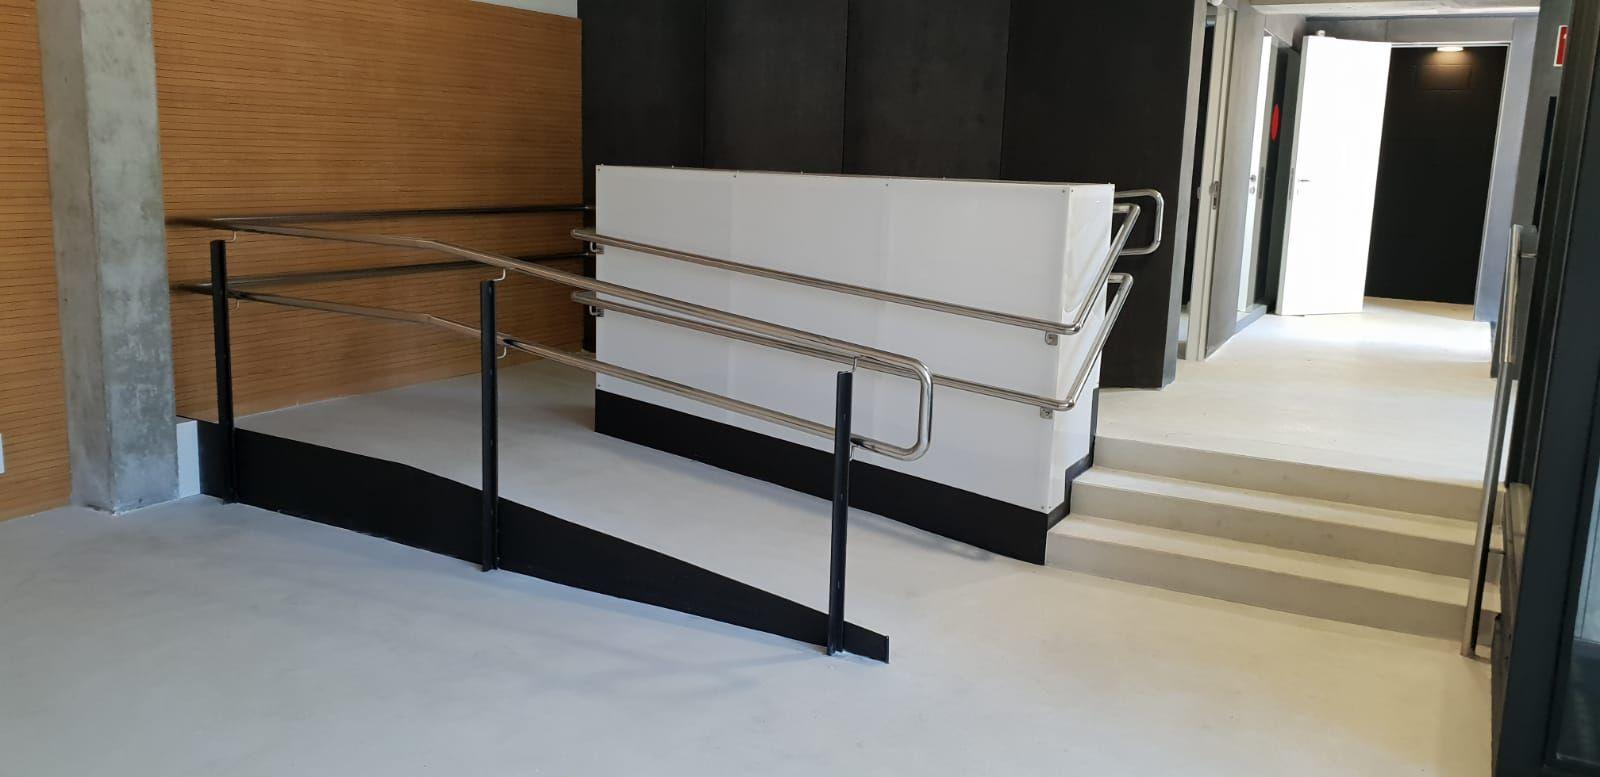 Foto 19 de Carpintería de aluminio, metálica y PVC en Tàrrega | Art Ferro